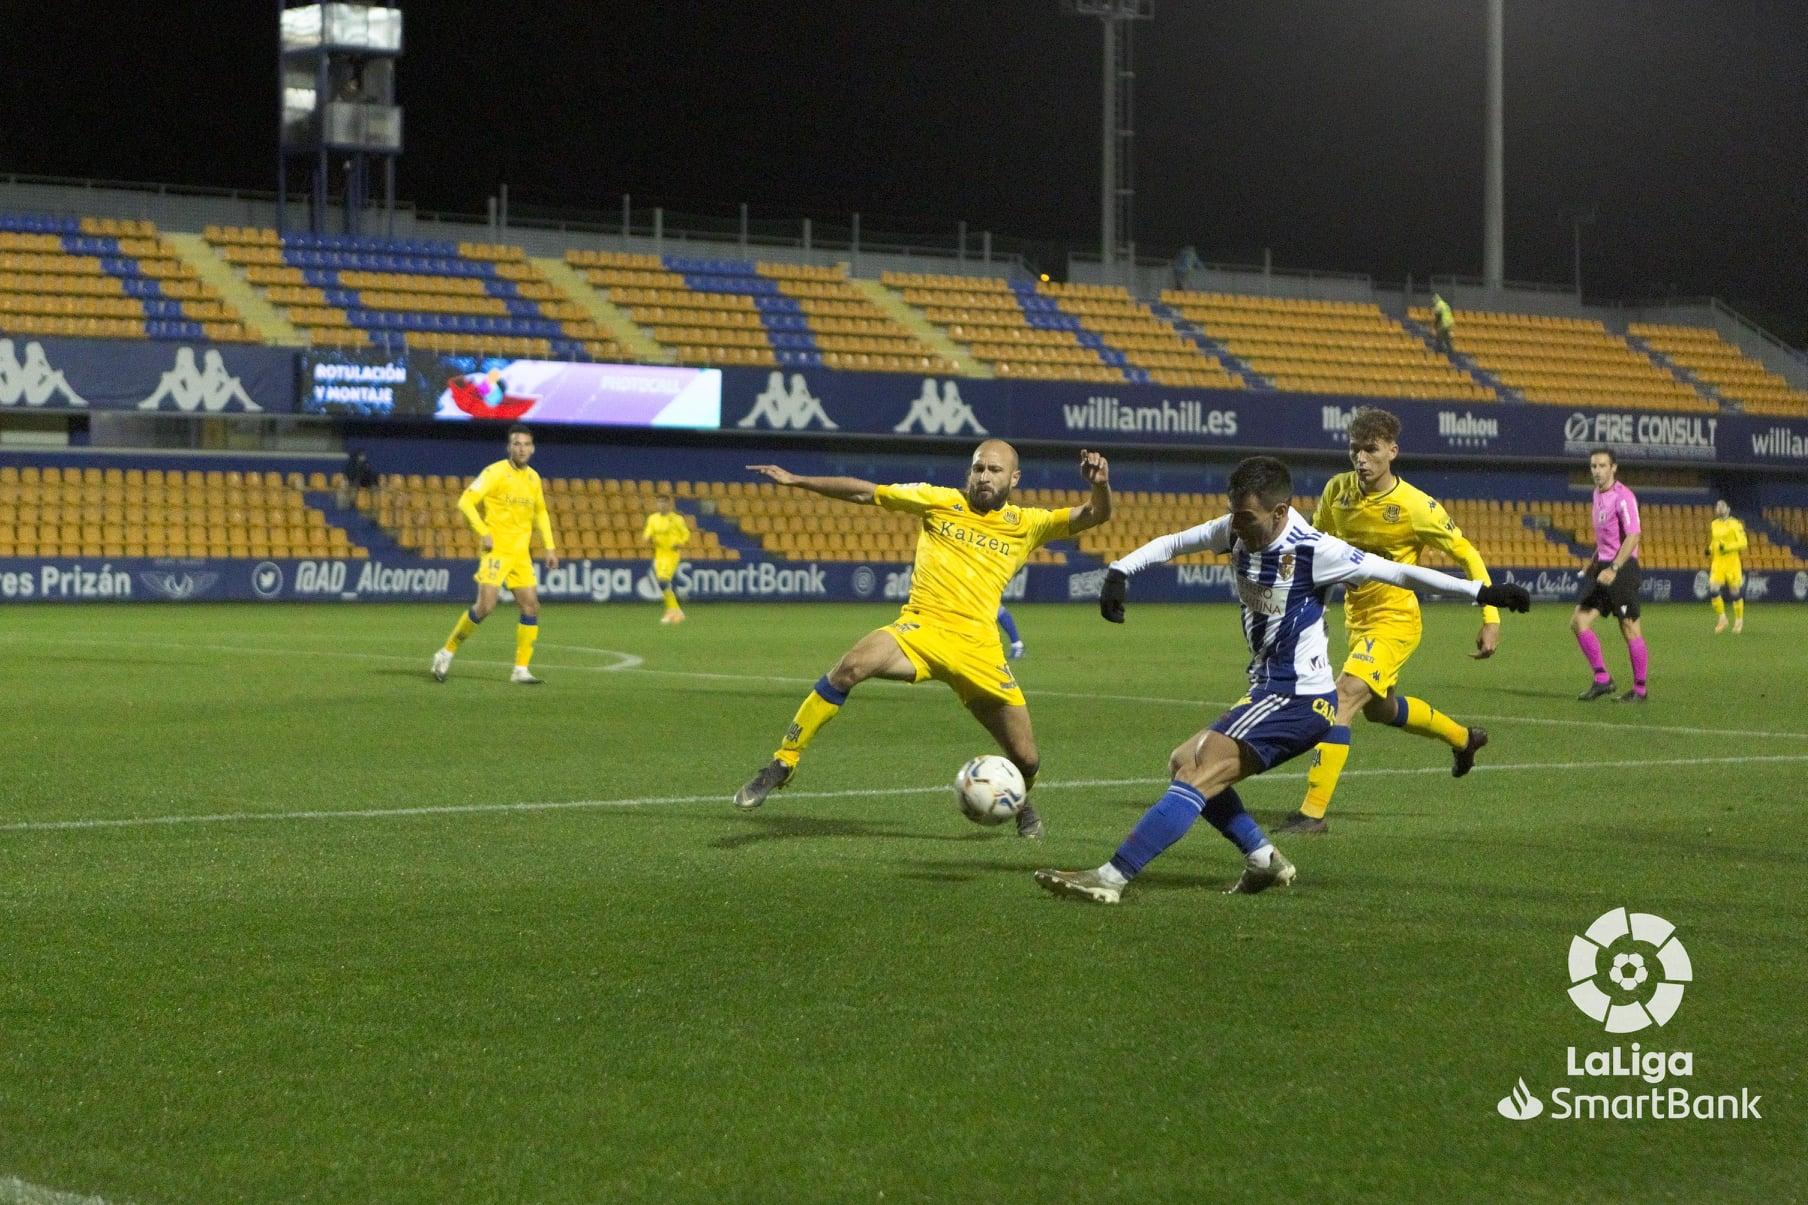 La Ponferradina se lleva los tres puntos en el Santo Domingo en un soporífero partido (1-0) 14